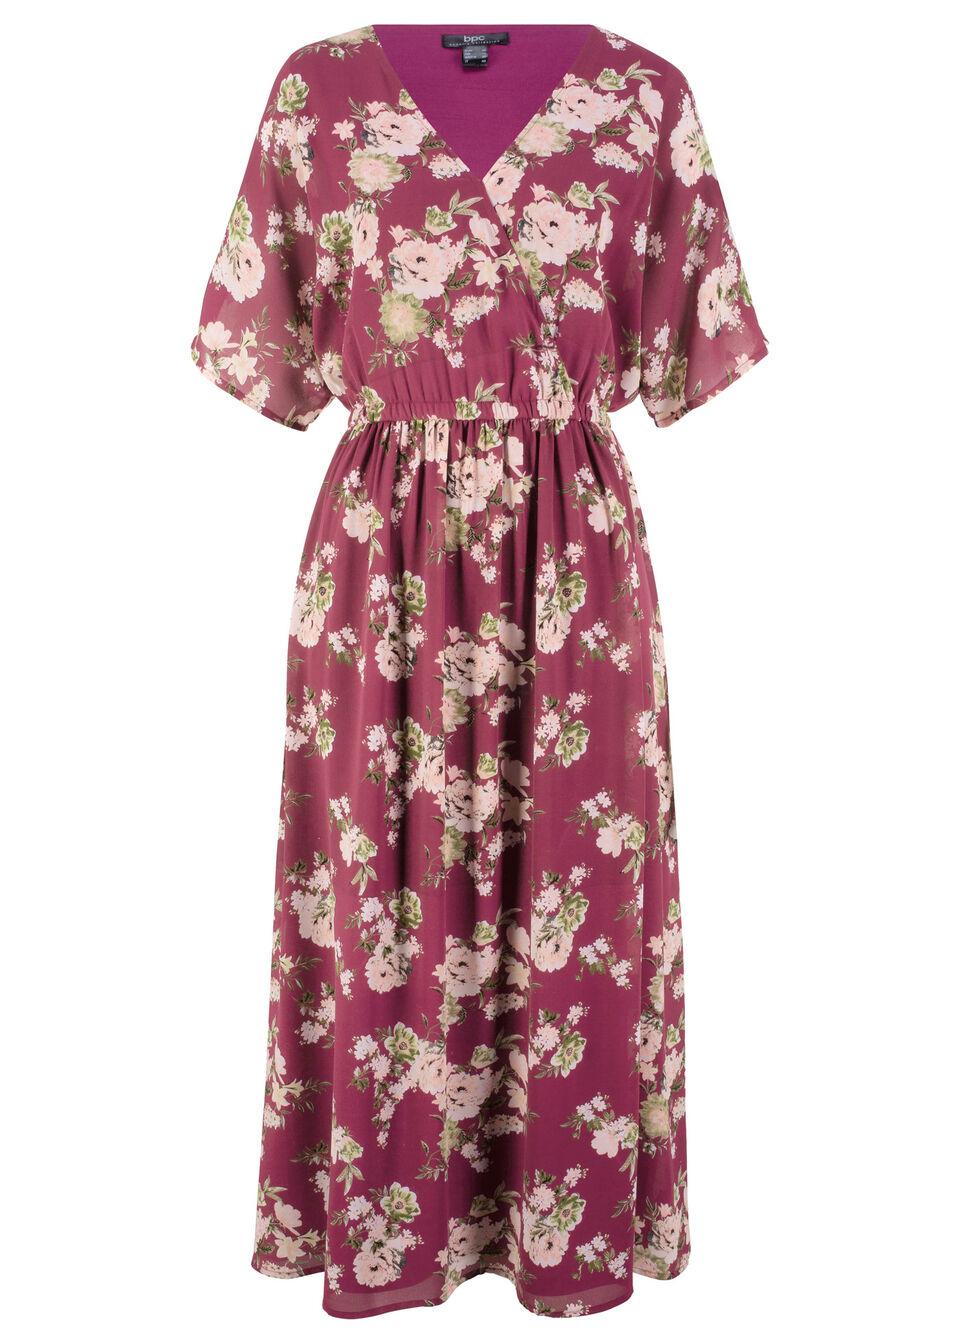 Sukienka z ?or?ety na podszewce, d?. do kostki bonprix czerwony rododendron w kwiaty